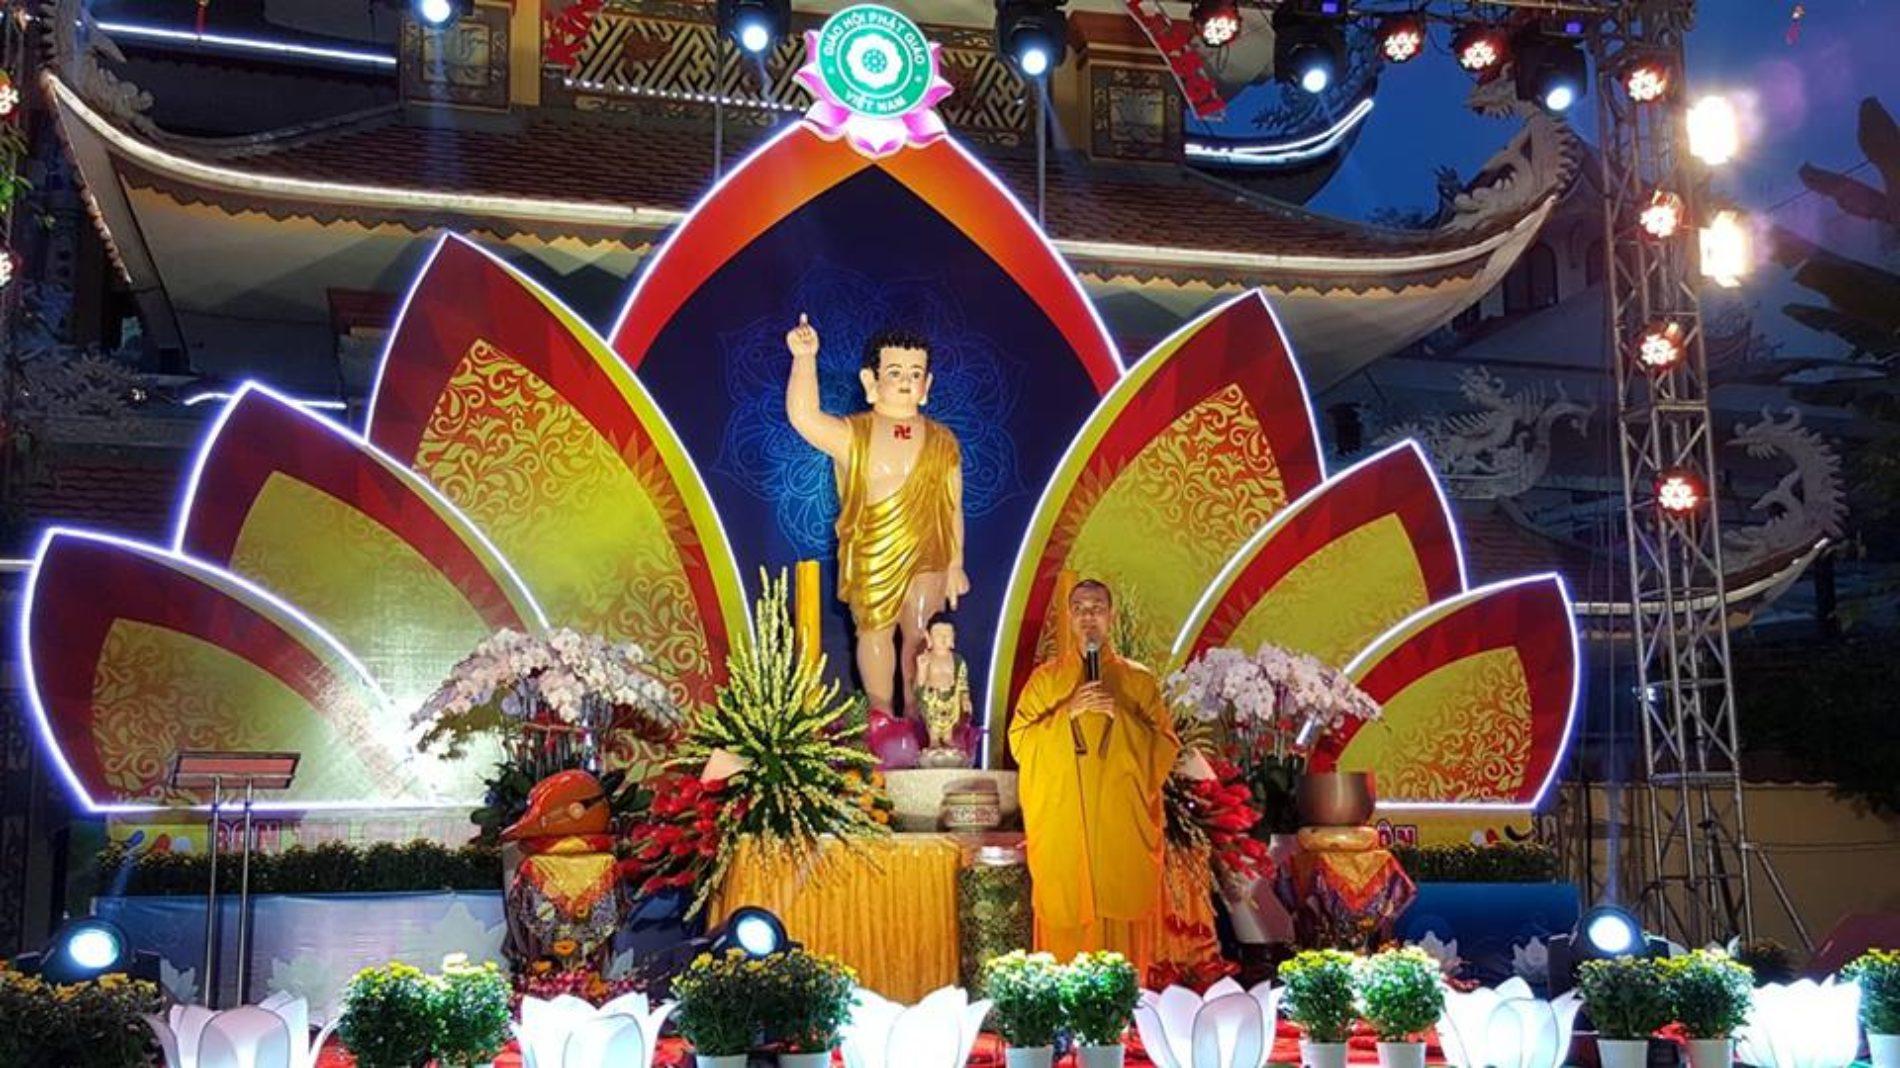 Lễ thắp sáng 7 đóa sen trên kênh Nhiêu Lộc (Phật Đản – PL.2561)